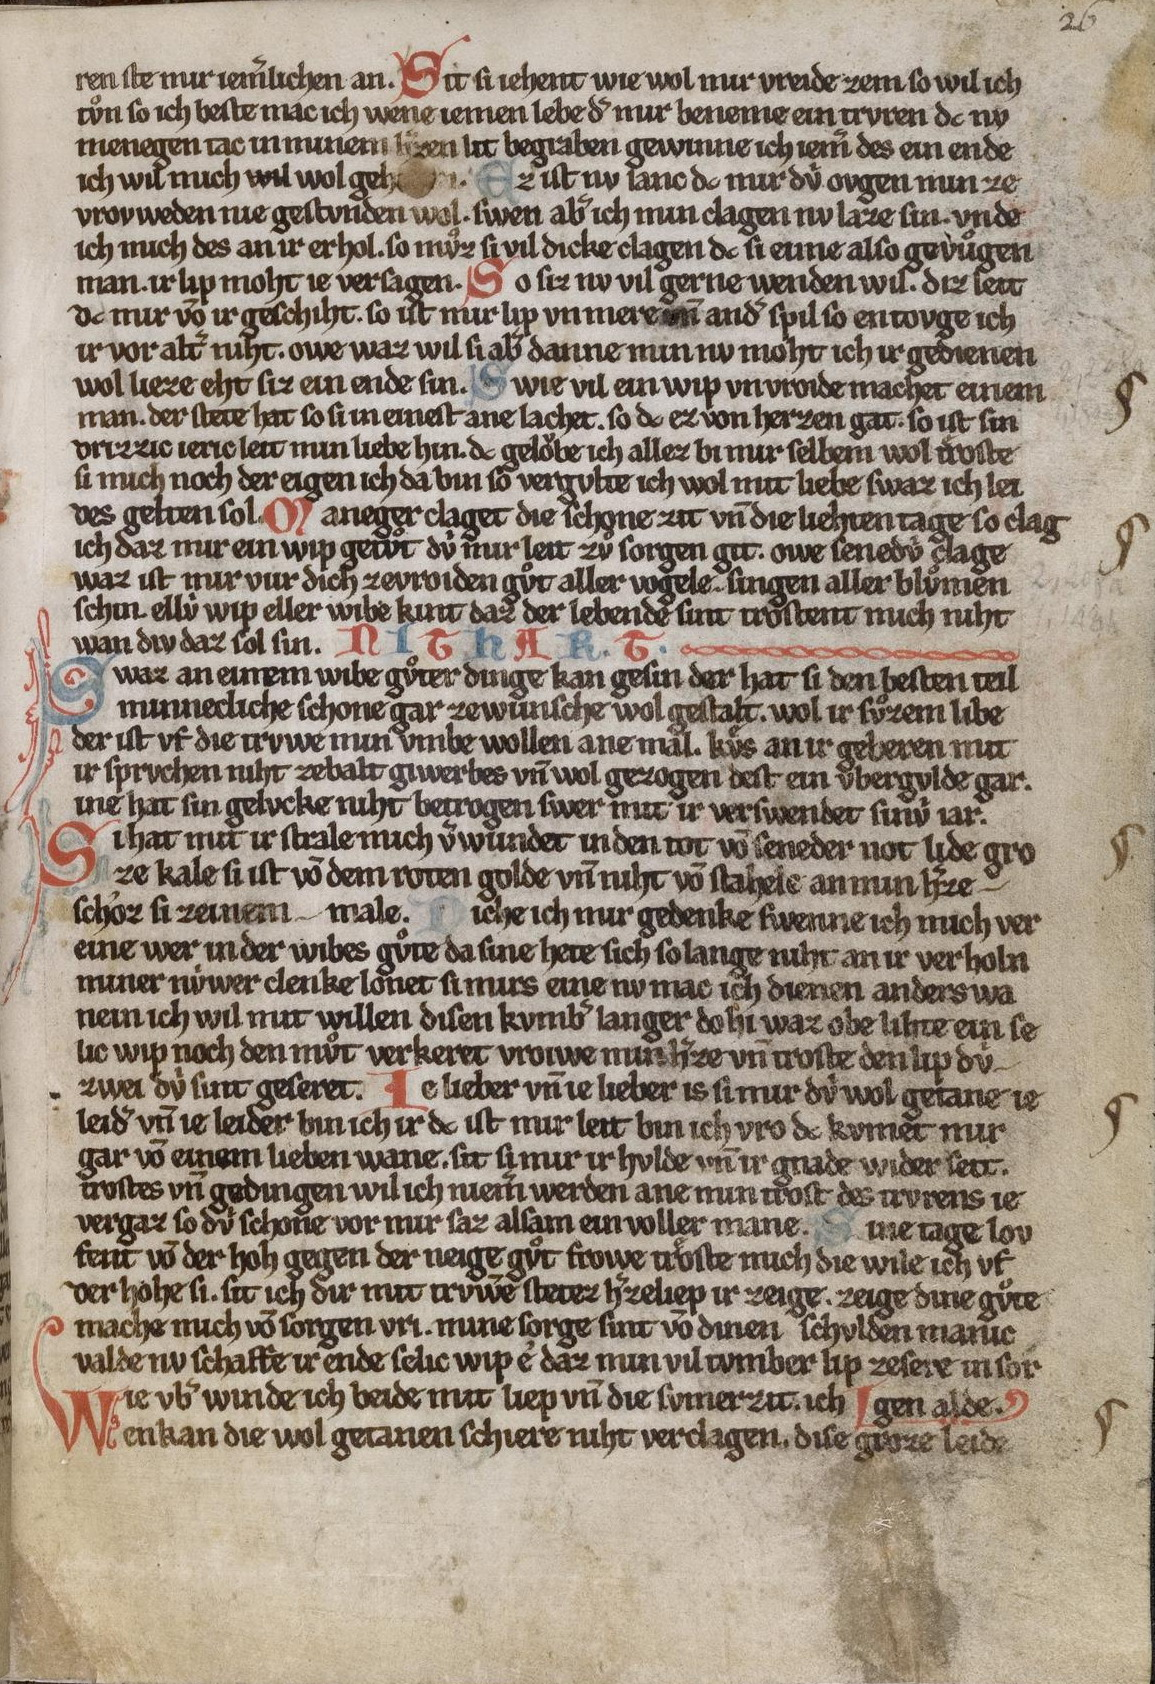 Kleine Heidelberger Liederhandschrift, fol. 26r (13th century)